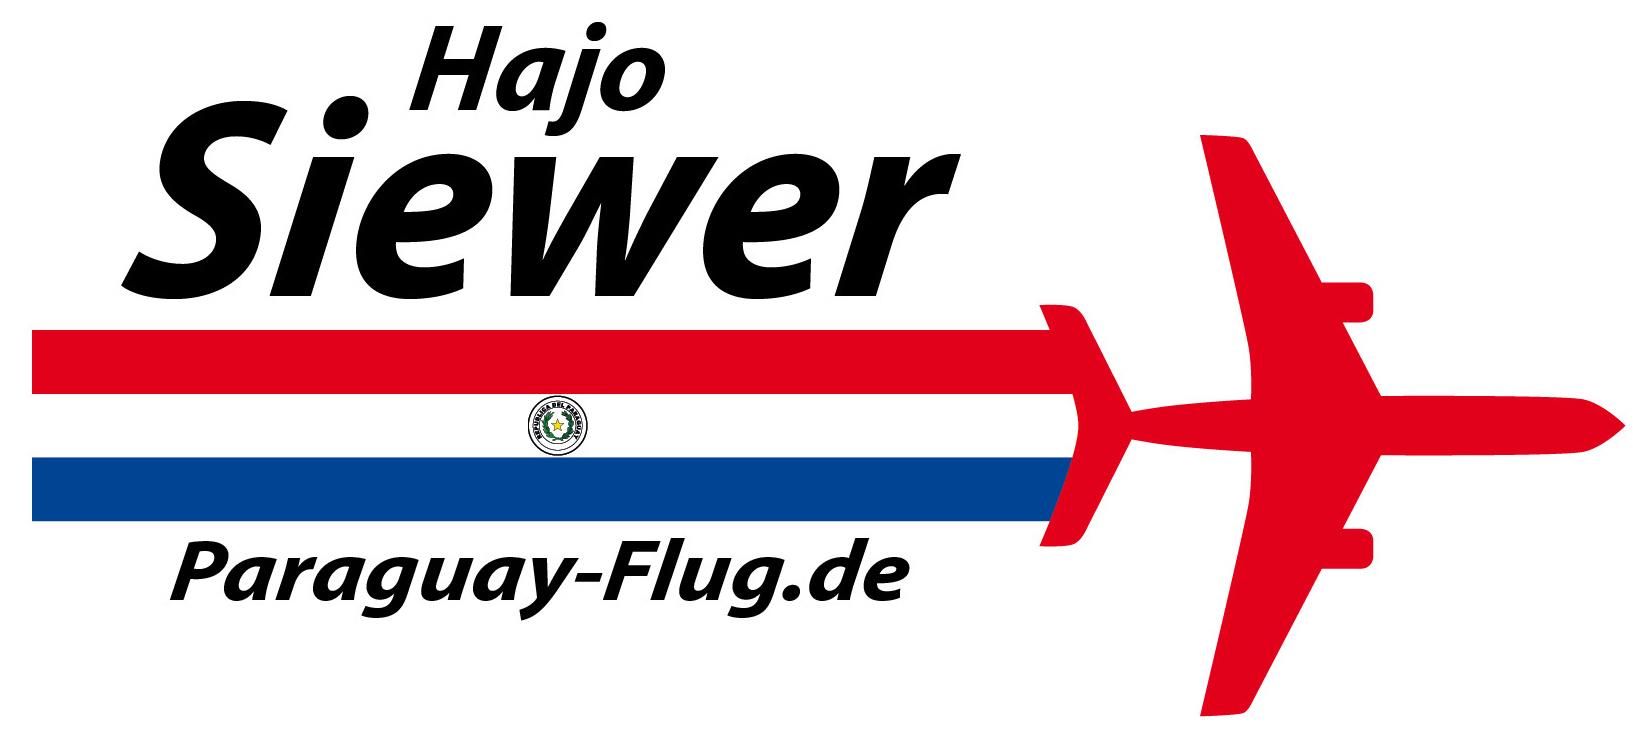 Paraguay Flug von Hajo Siewer